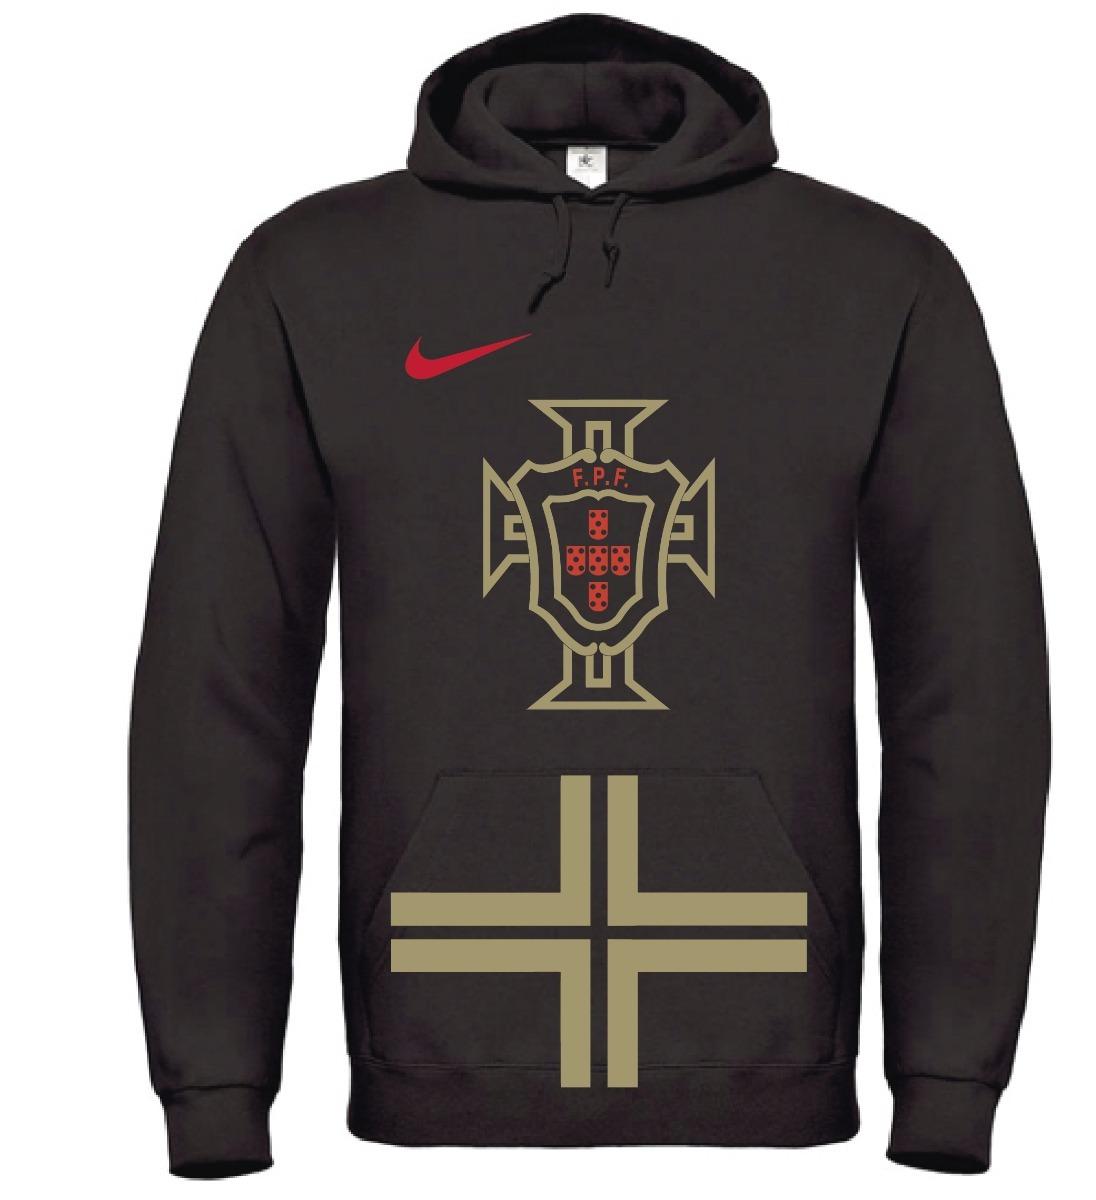 Sudadera De Moda Futbol Portugal Excelente Calidad. -   349.00 en ... 5cf83defdfaf2